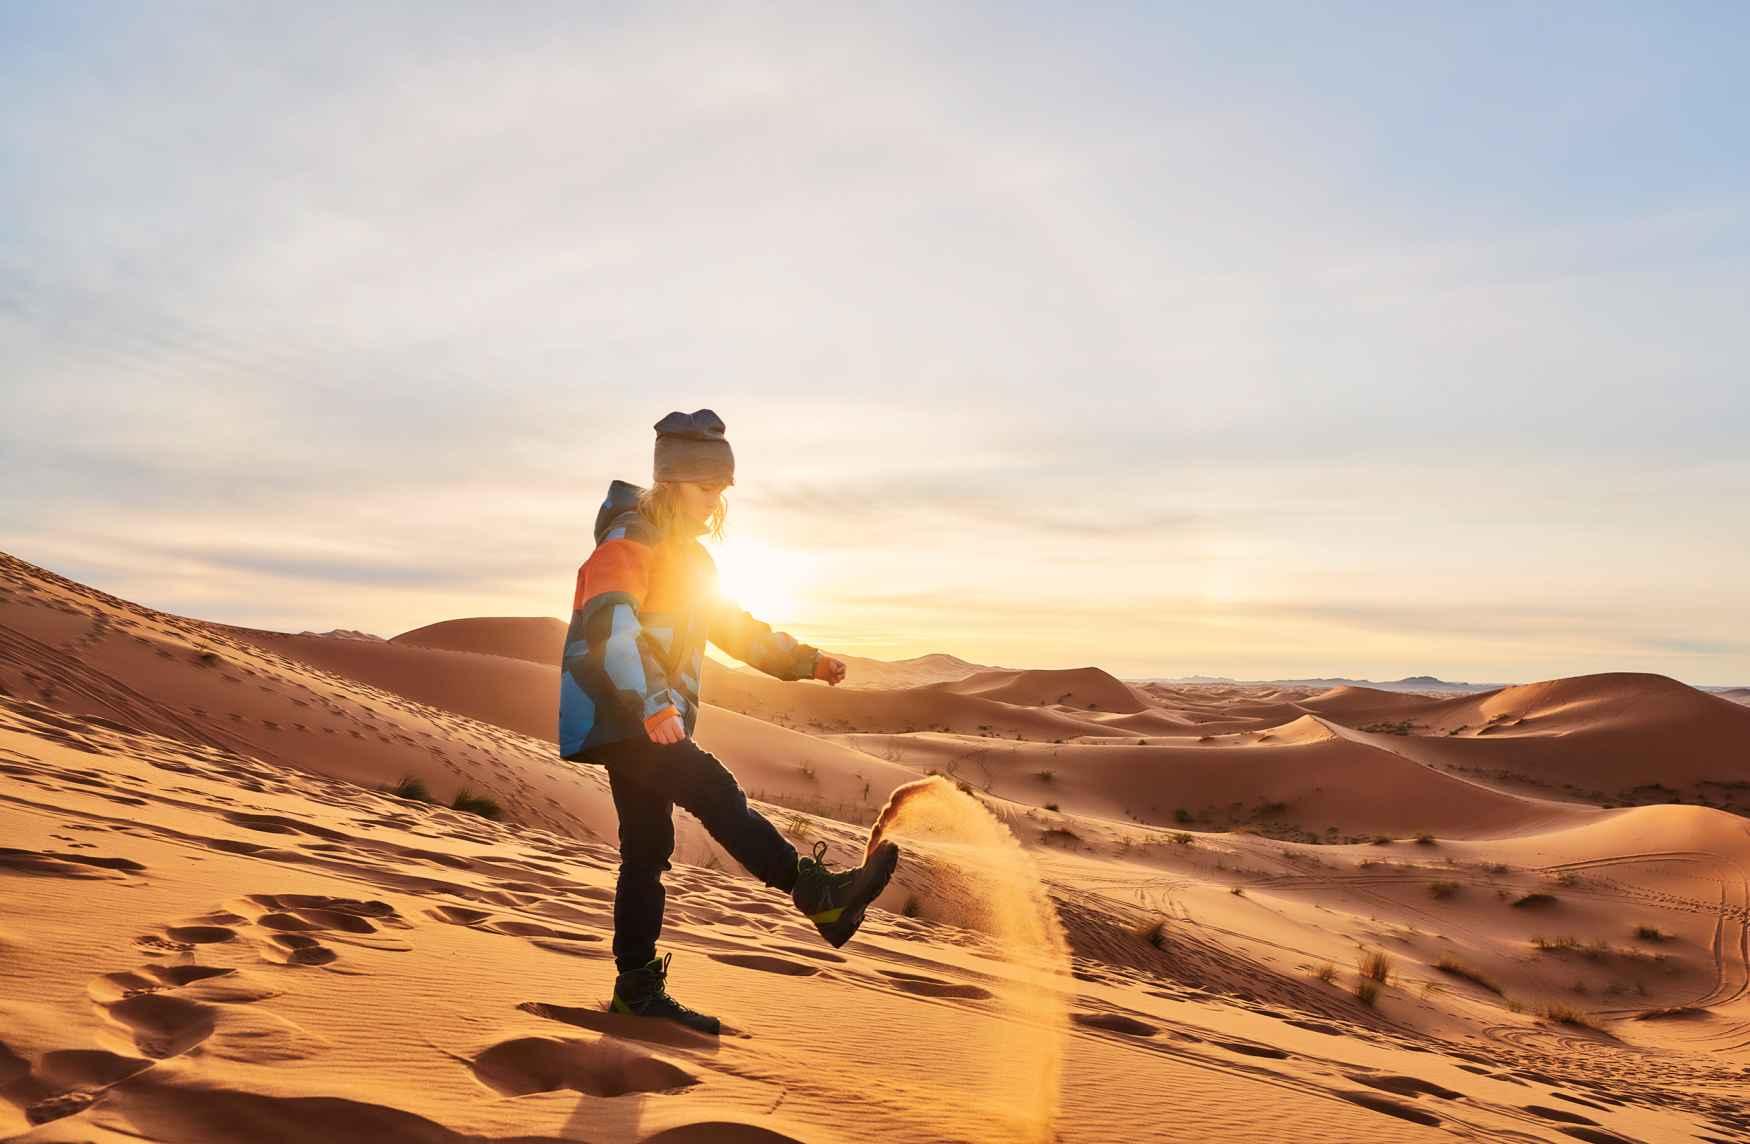 Leichte Sohle und ein robuster Schaft – die besten Voraussetzungen für den absoluten Härtetest. Schließlich wählen kleine Bergsteiger immer ihren eigenen Weg. Gut, wenn sie ihre ersten großen Abenteuer mit den superbequemen LEDRO GTX MID JUNIOR erleben. Egal, ob im flachen Gelände oder in alpinen Regionen – worauf es wirklich ankommt, ist der Spaß am Draußen sein.